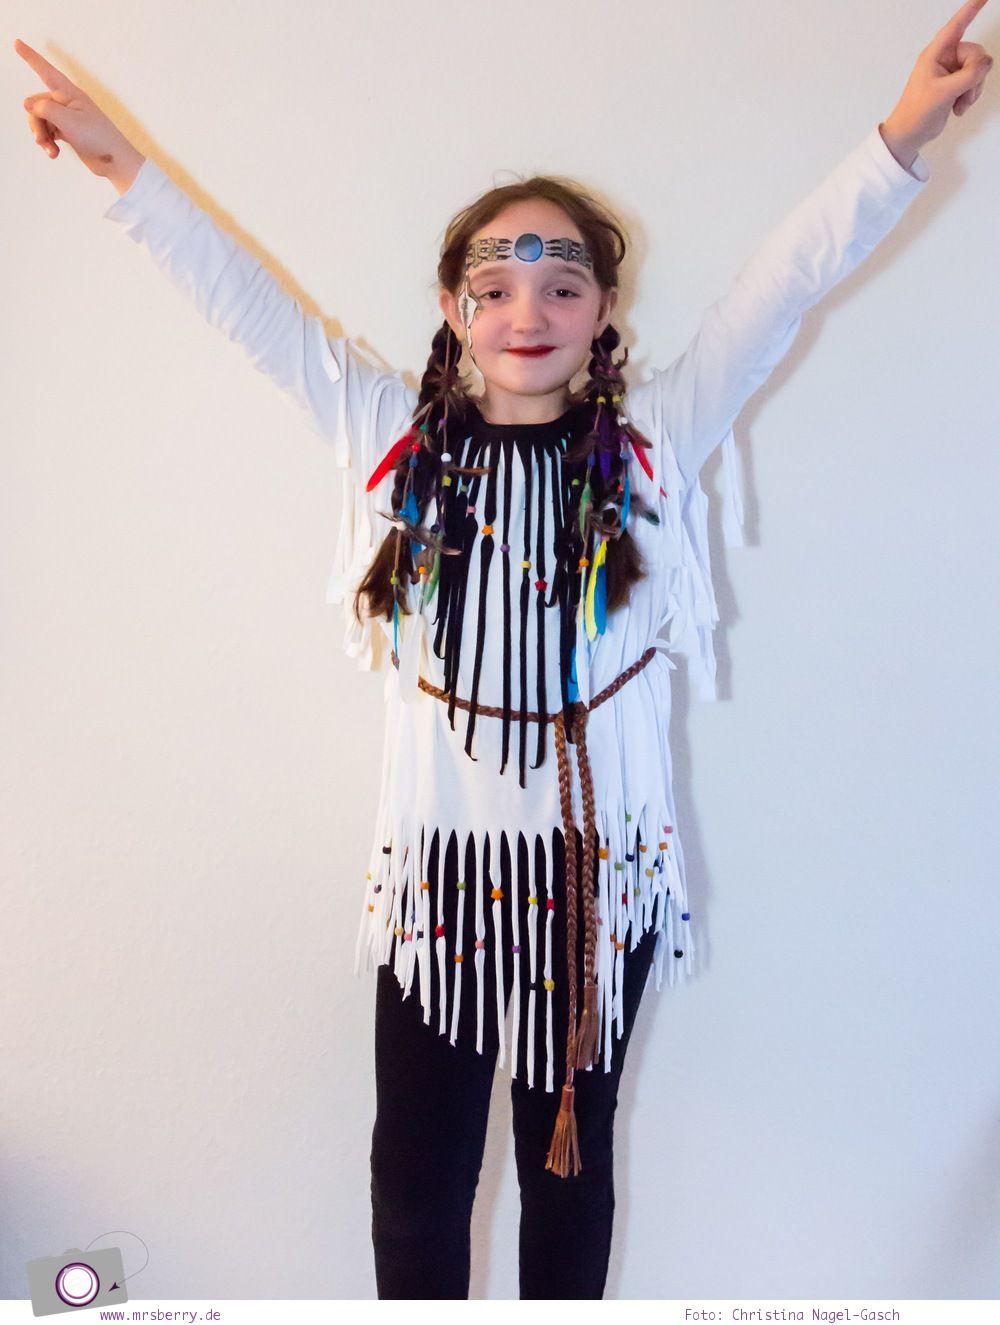 Karnevals Diy Indianer Kostum Basteln Mrsberry Kreativ Studio Indianerin Kostum Indianer Kostum Kind Indianer Kostum Selber Machen